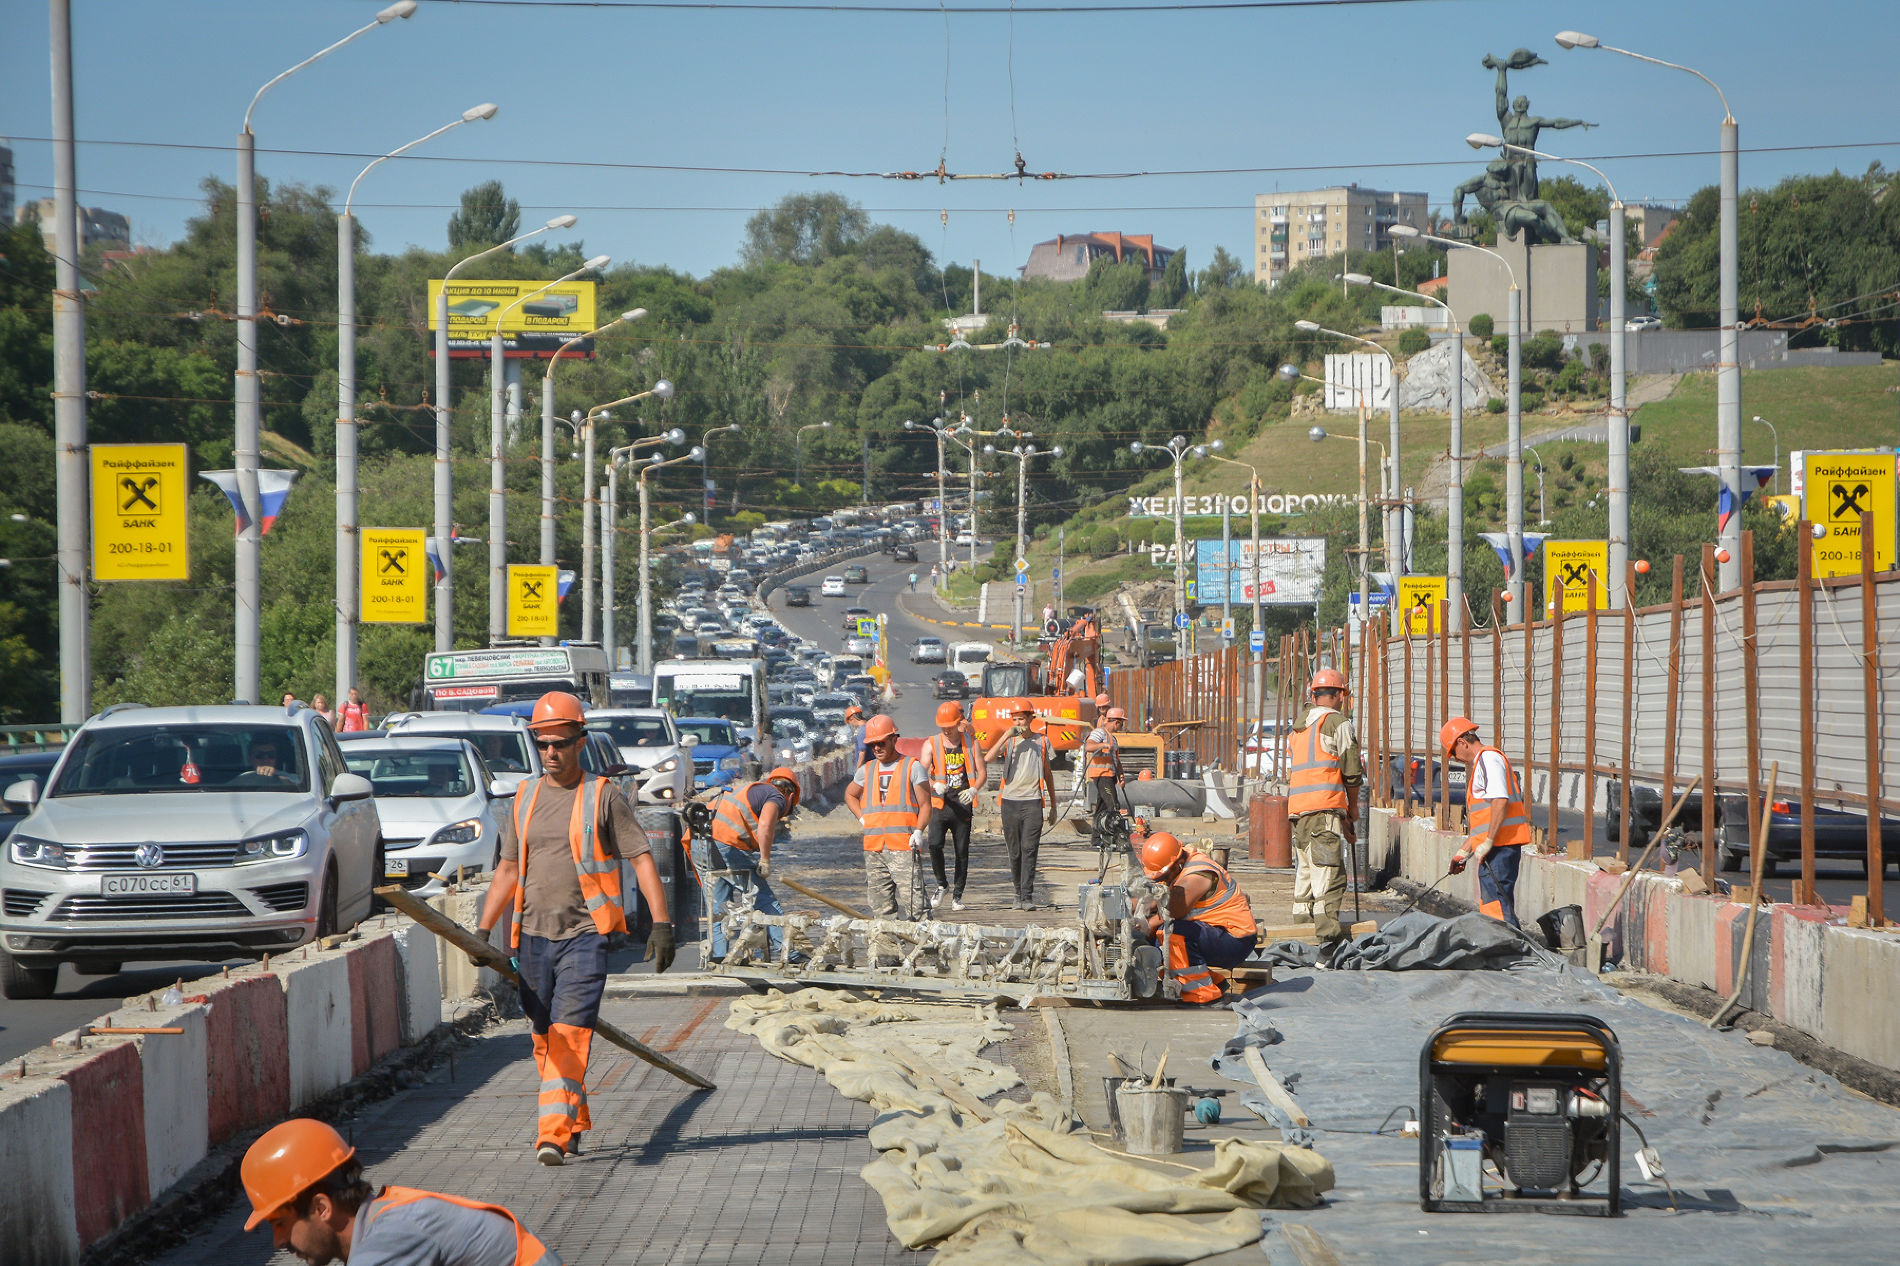 ВРостовской агломерации завершен ремонт свыше 40 километров автомобильных дорог